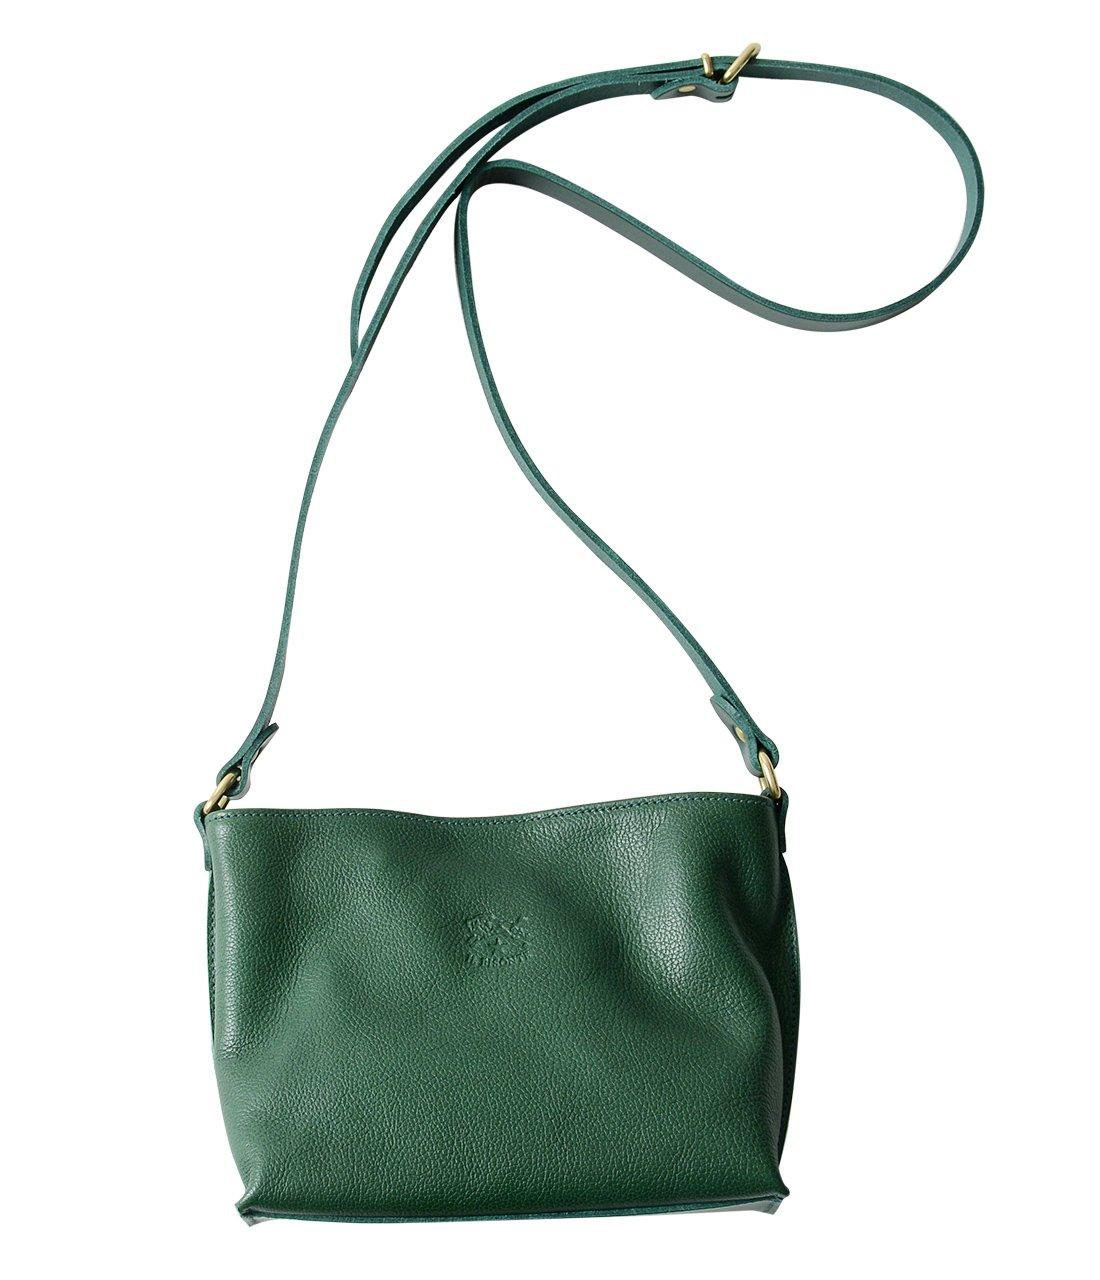 国内正規販売店 (イルビゾンテ) IL BISONTE レザー ショルダーバッグ ポシェット 54324-0-0410 レディース B07D51YQHD green(col.93) green(col.93)